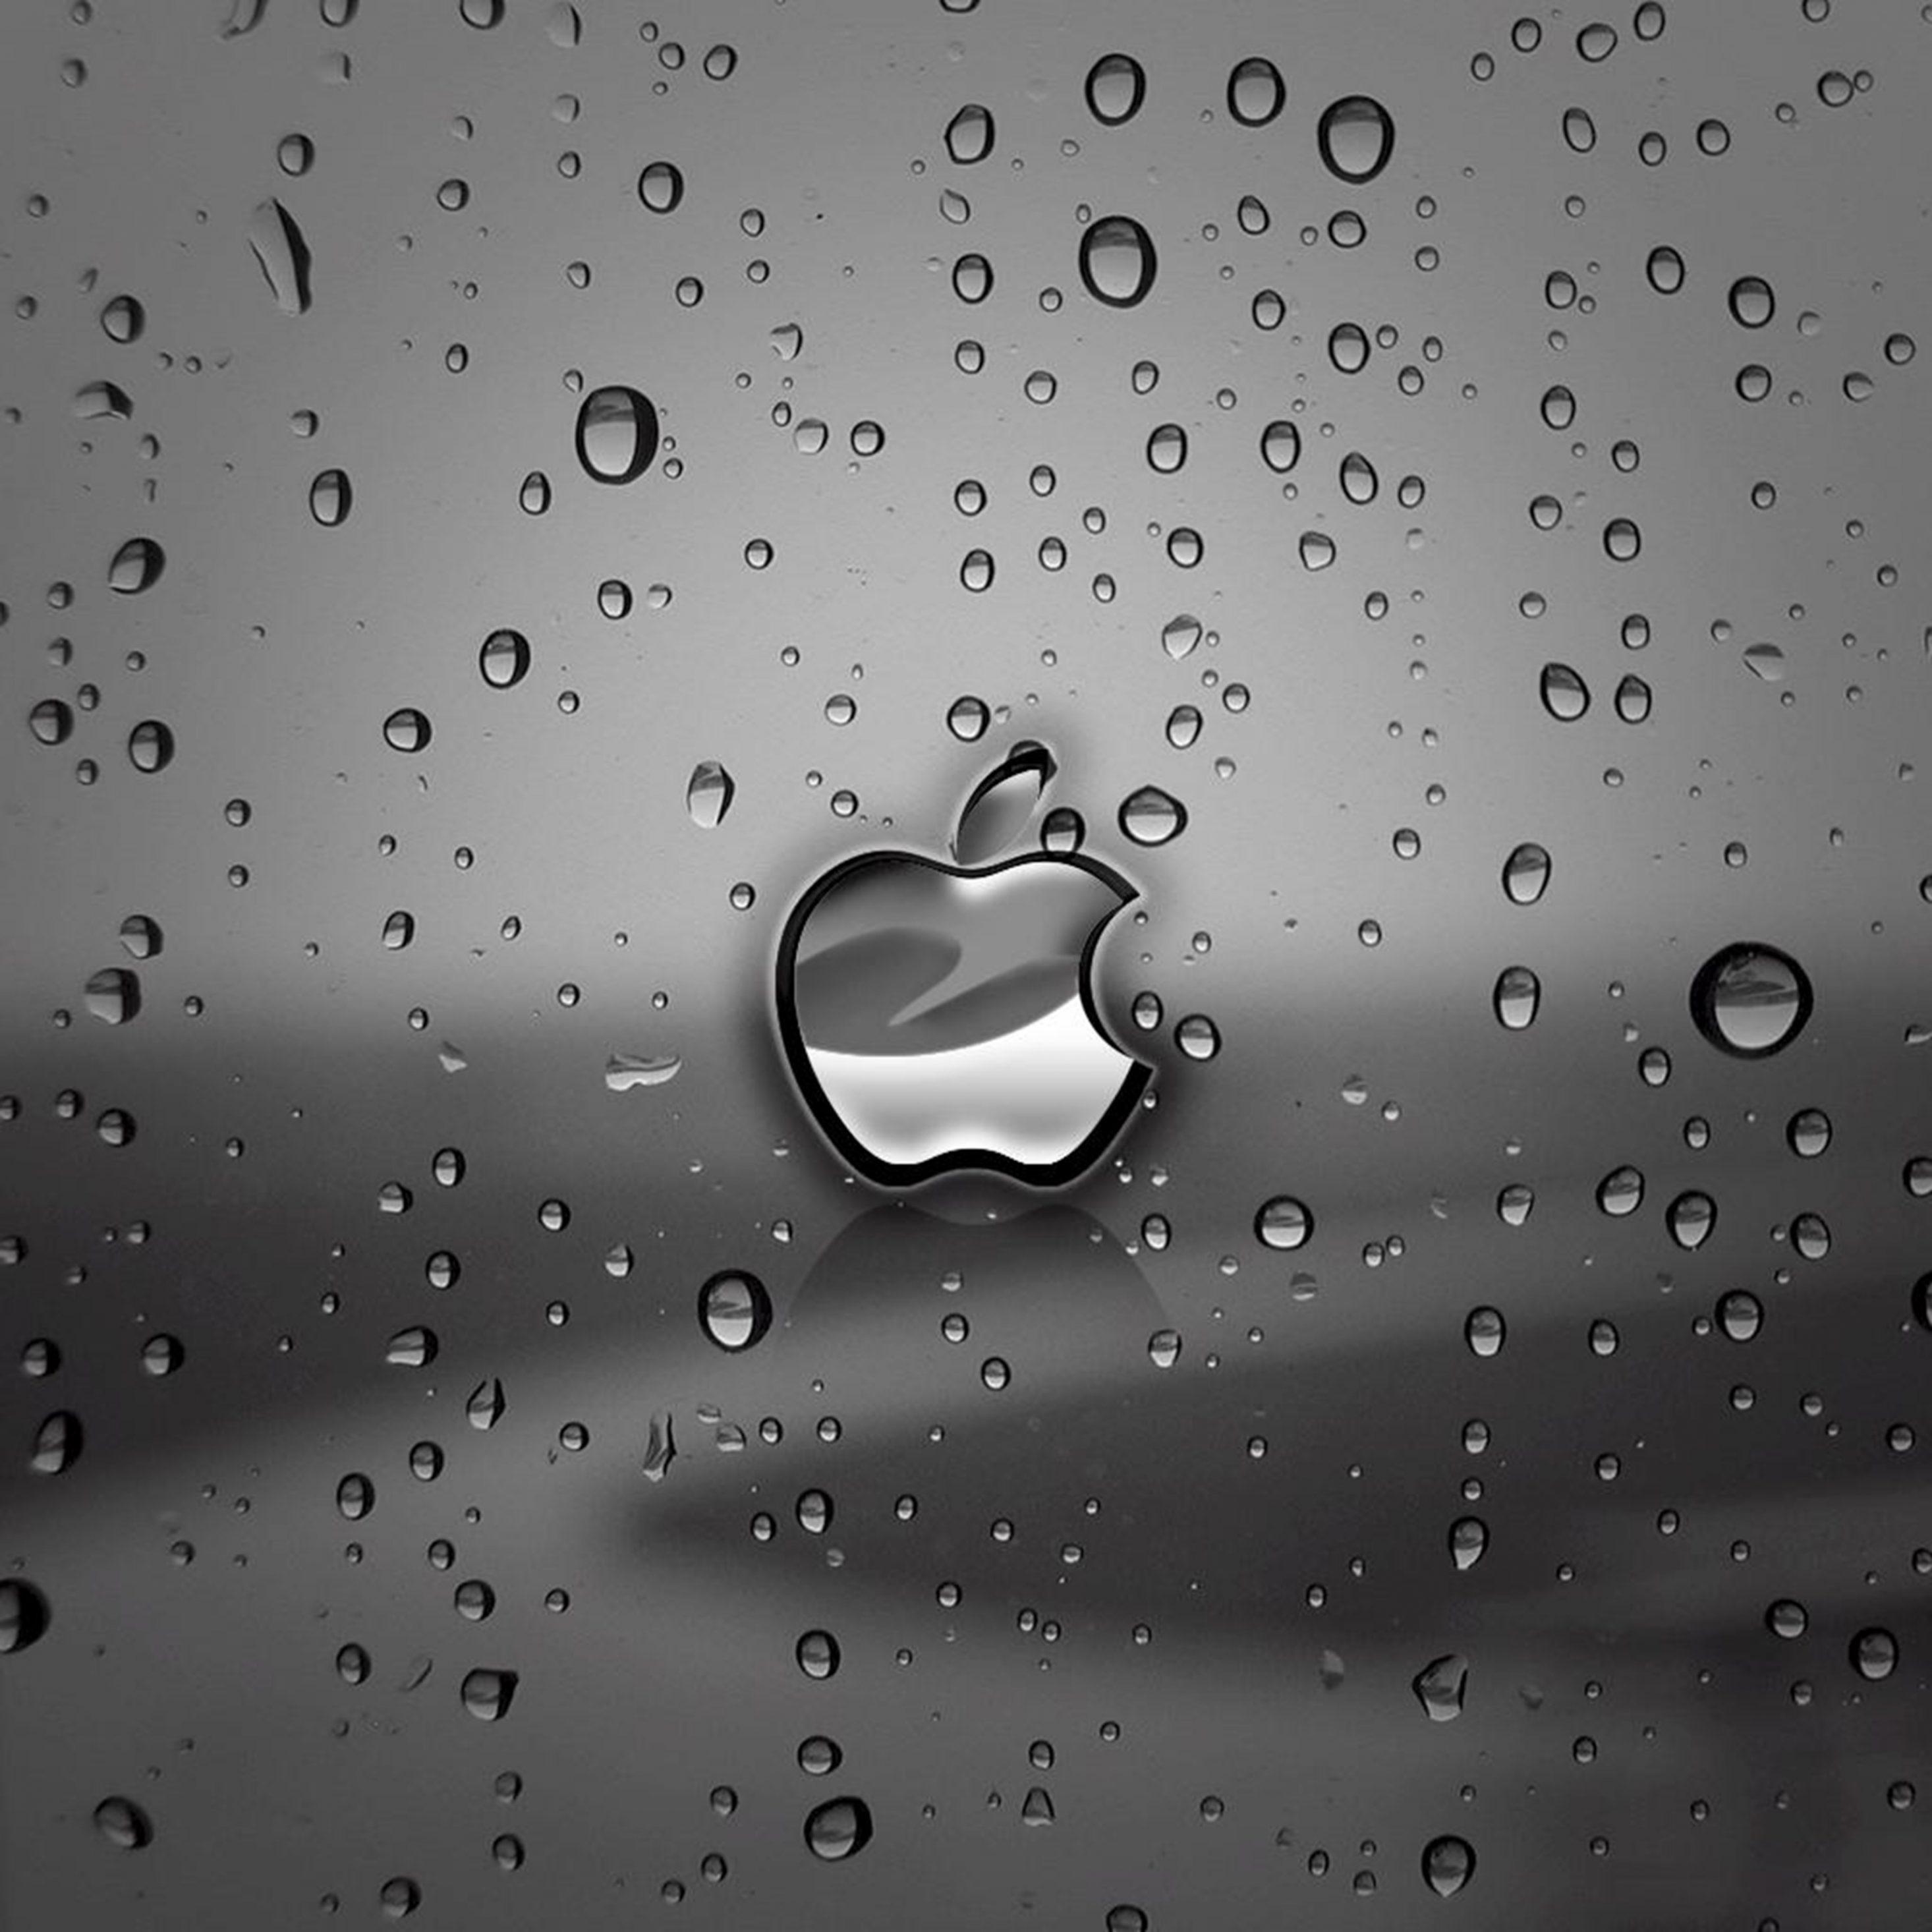 2932x2932 iPad Pro wallpaper 4k Apple Rain Ipad Wallpaper 2932x2932 pixels resolution